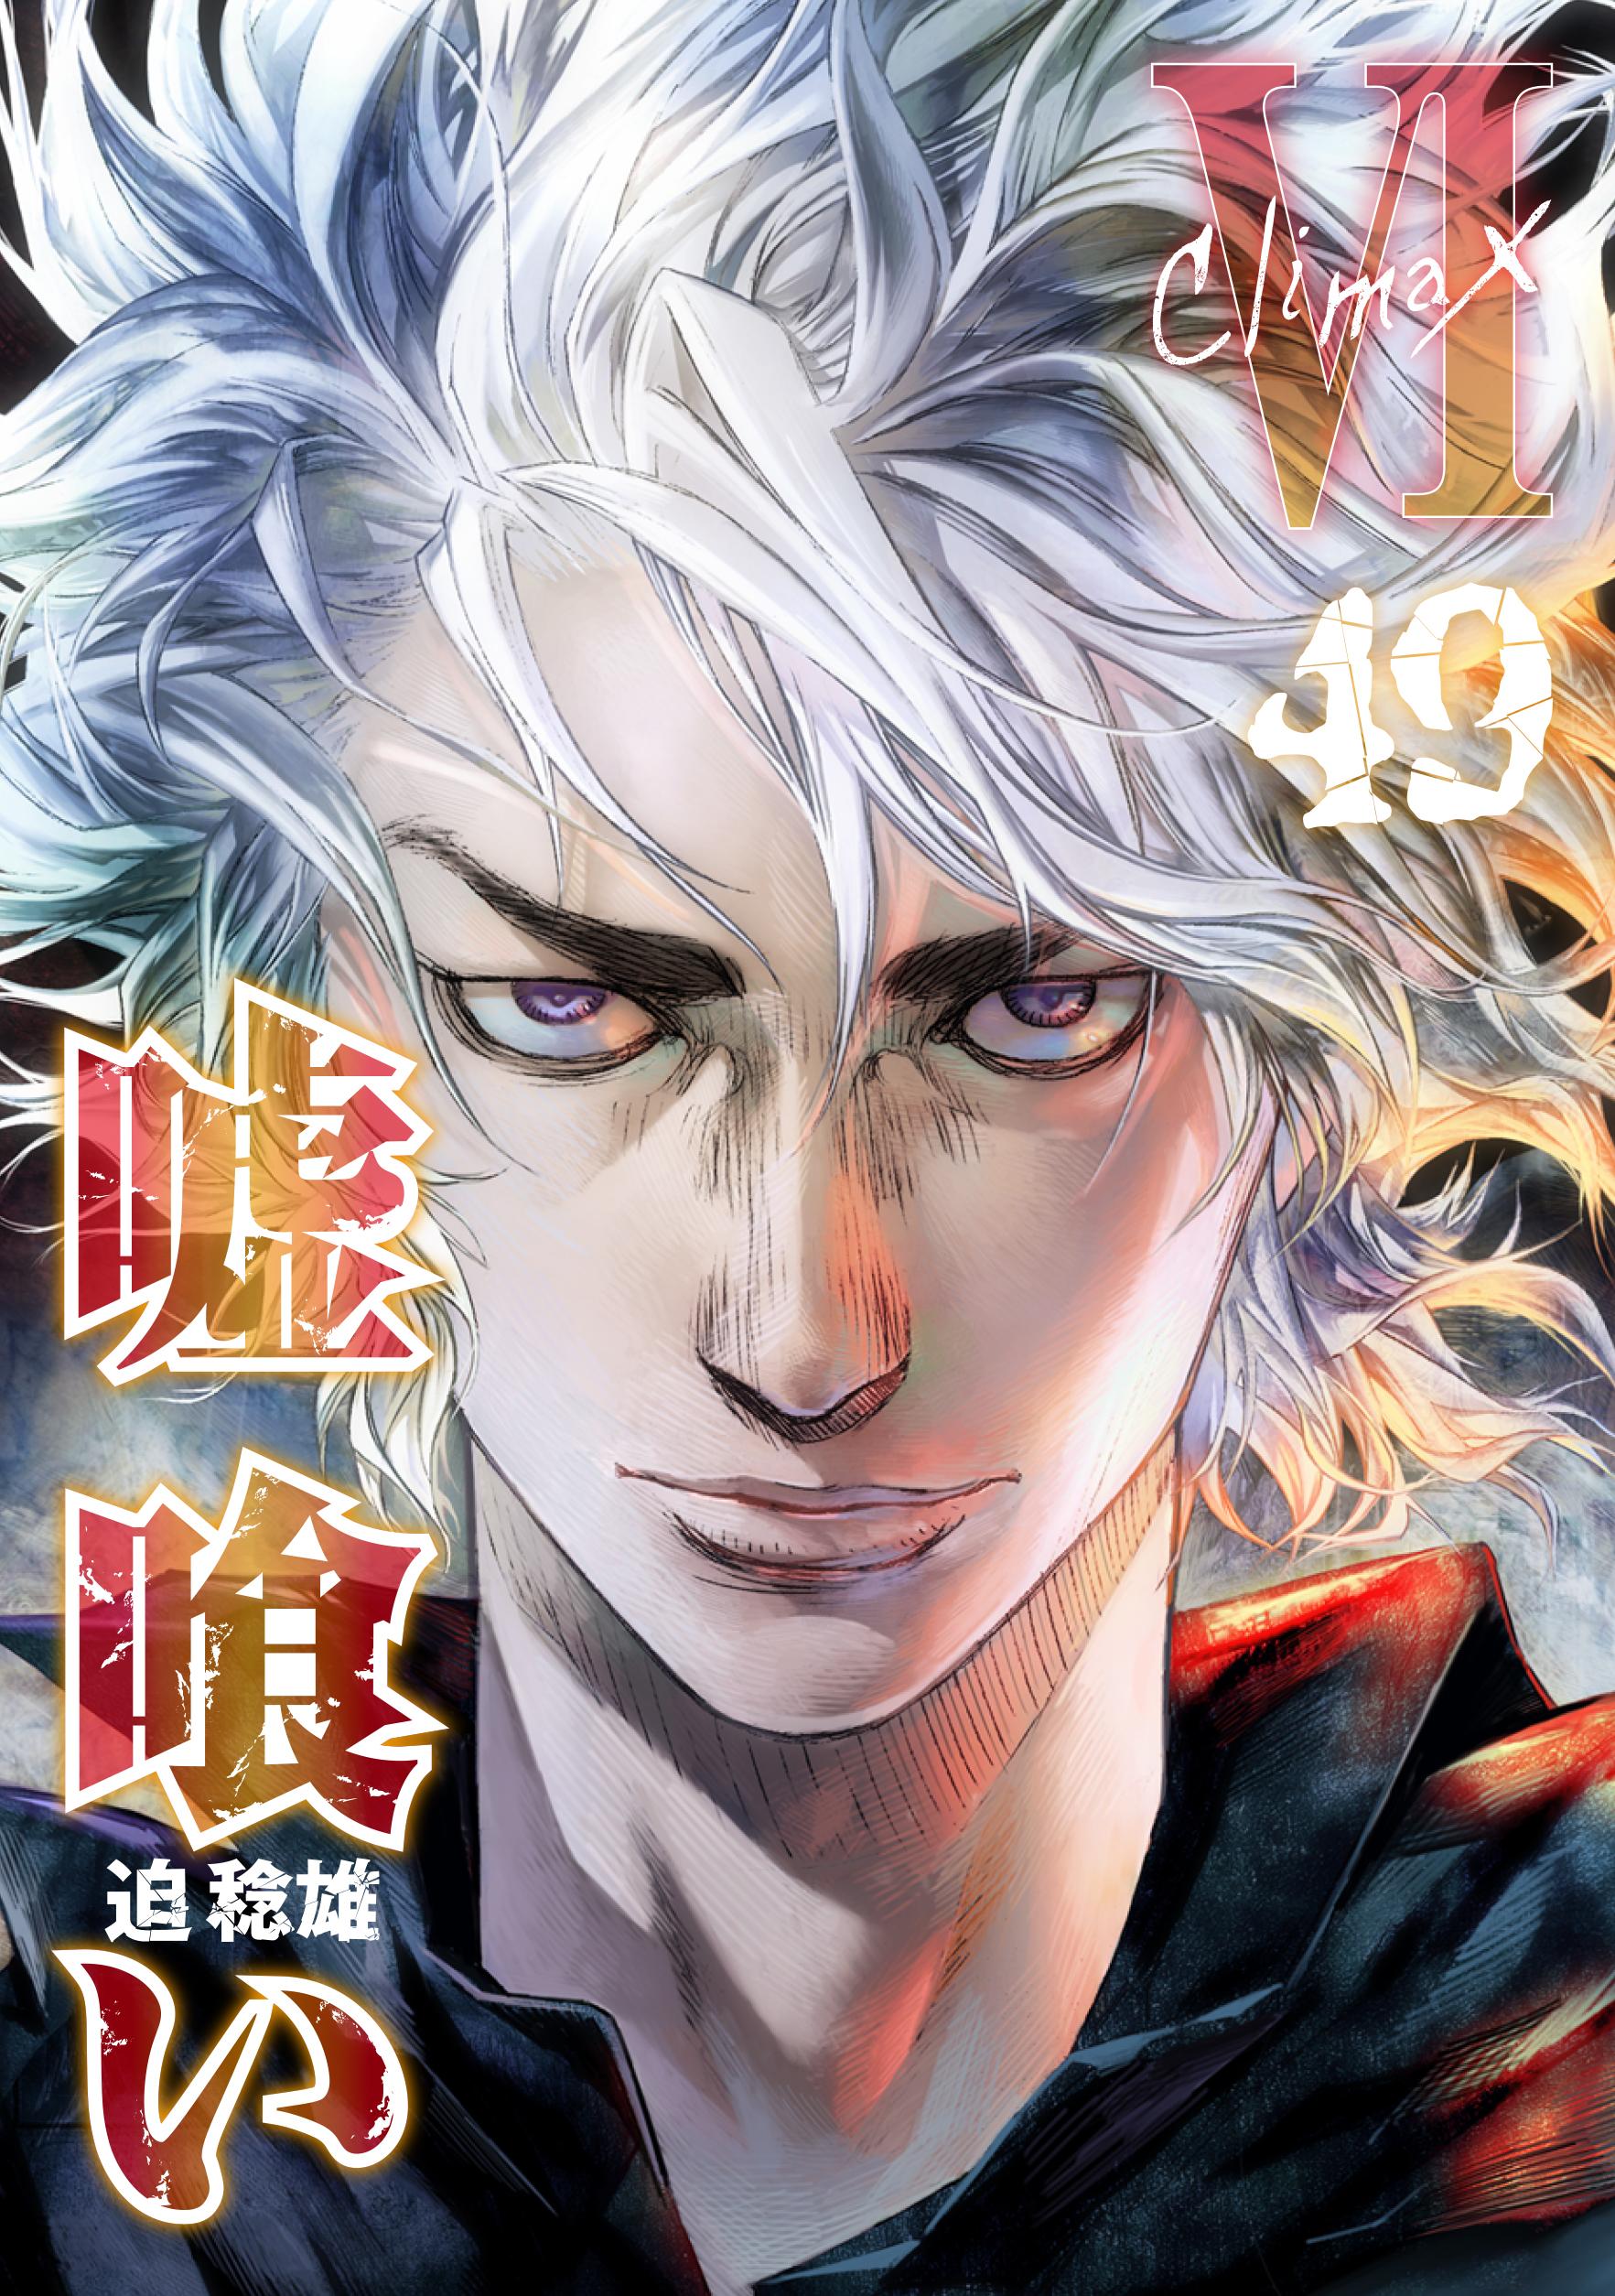 Manga studio скачать бесплатно на русском